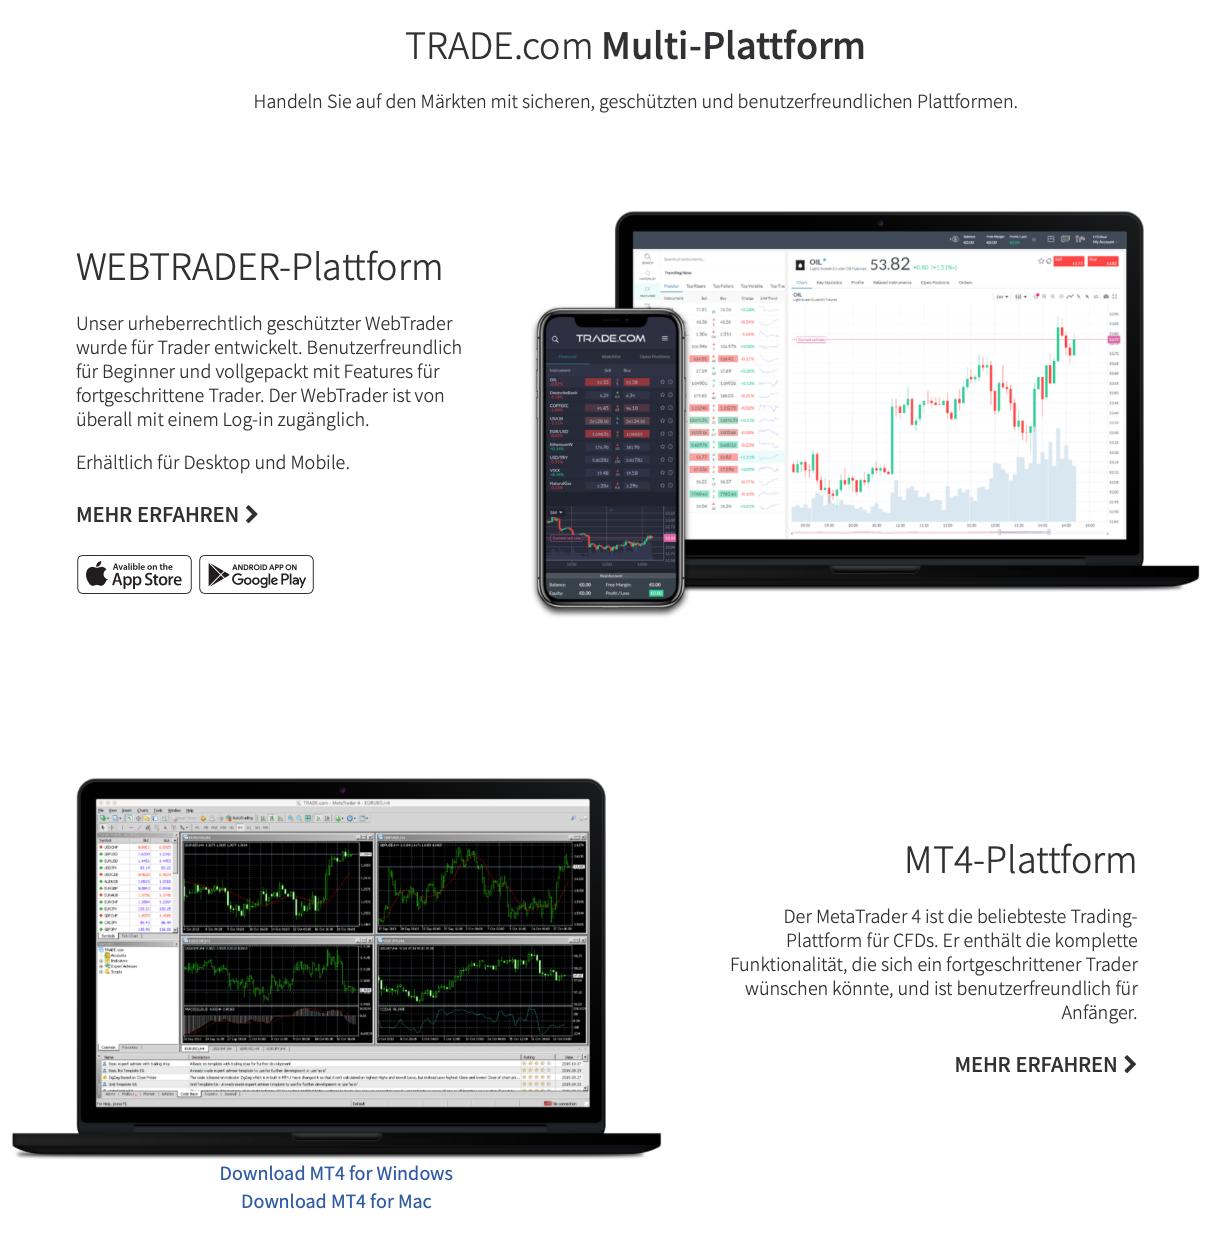 Trade.com Erfahrungen